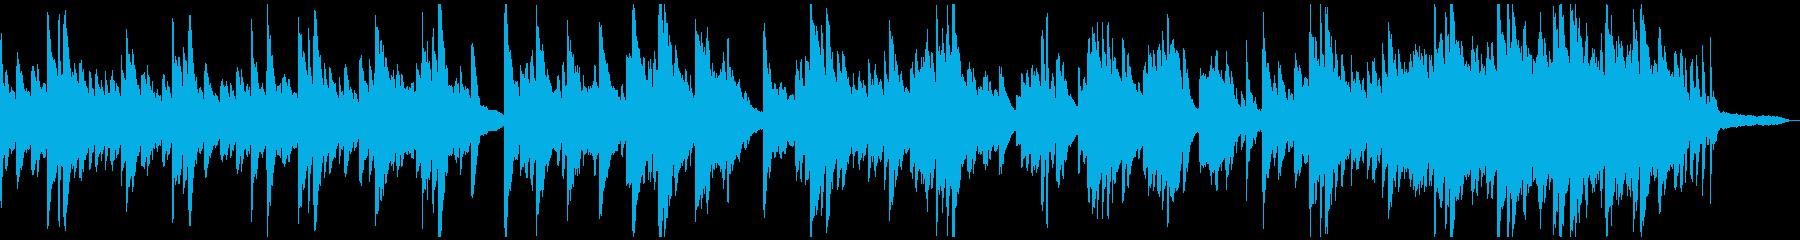 メランコリックで柔らかいピアノのソ...の再生済みの波形